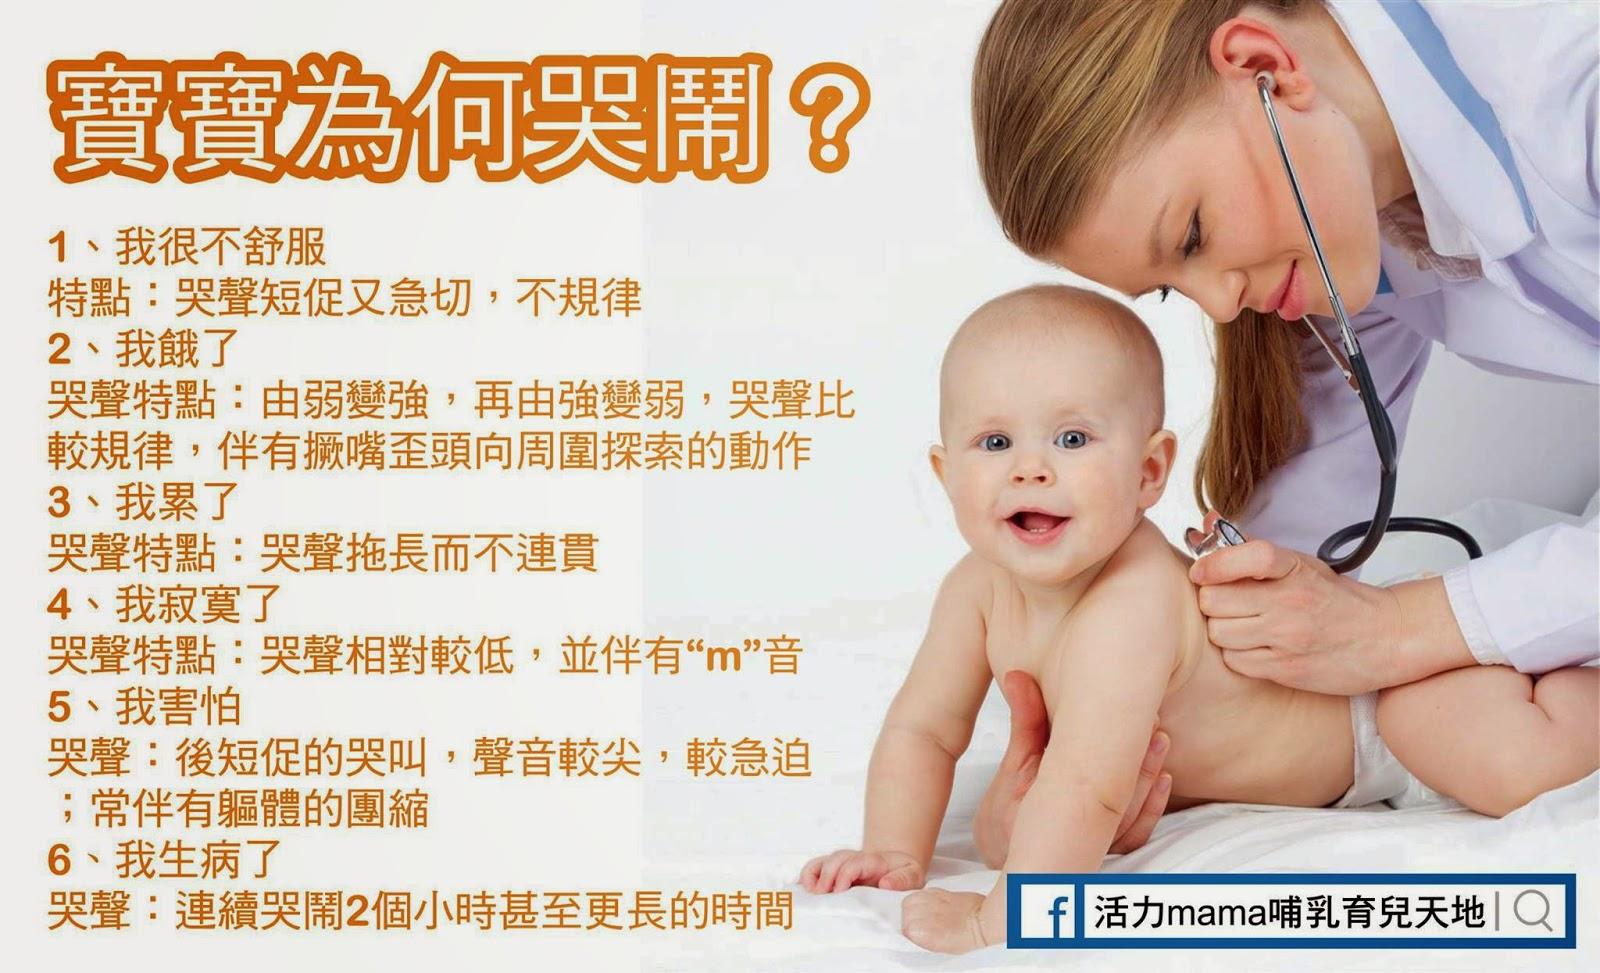 新生兒│寶寶半夜哭鬧不睡覺怎麼辦-Q&A - 哺乳媽媽加油站│最專業的母奶,這種情況應該如何避免呢?對於小寶寶來說,發奶知識平臺